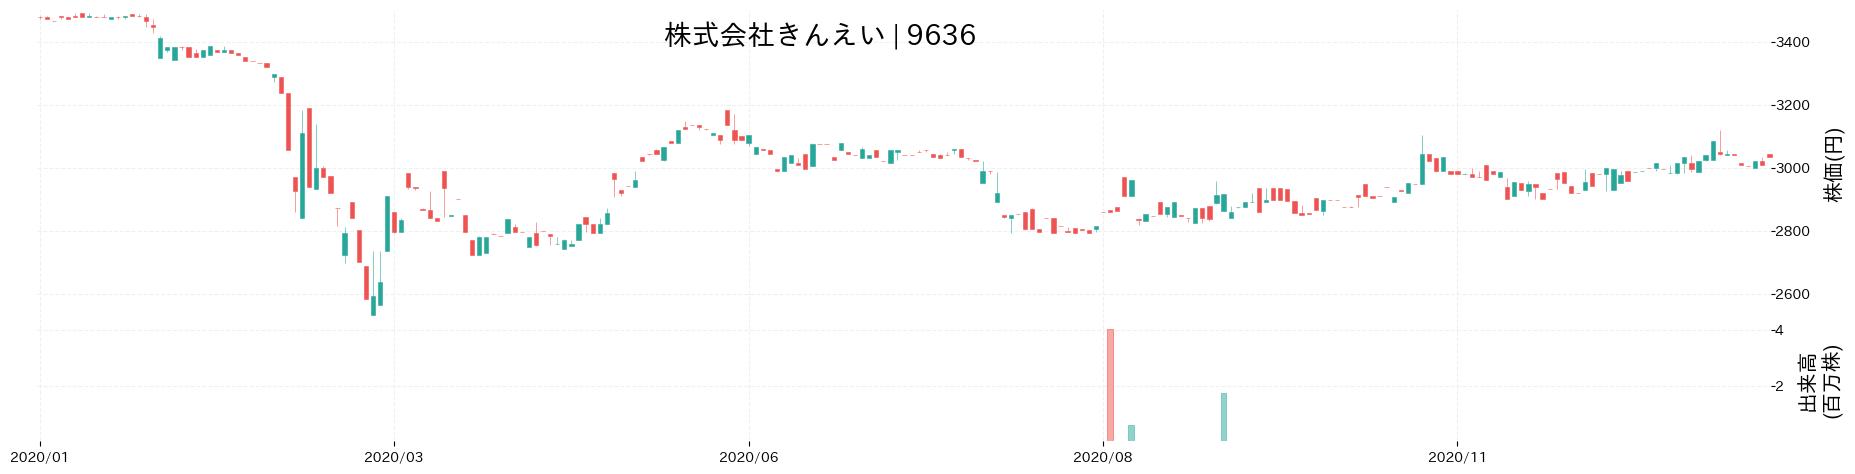 株式会社きんえいの株価推移(2020)